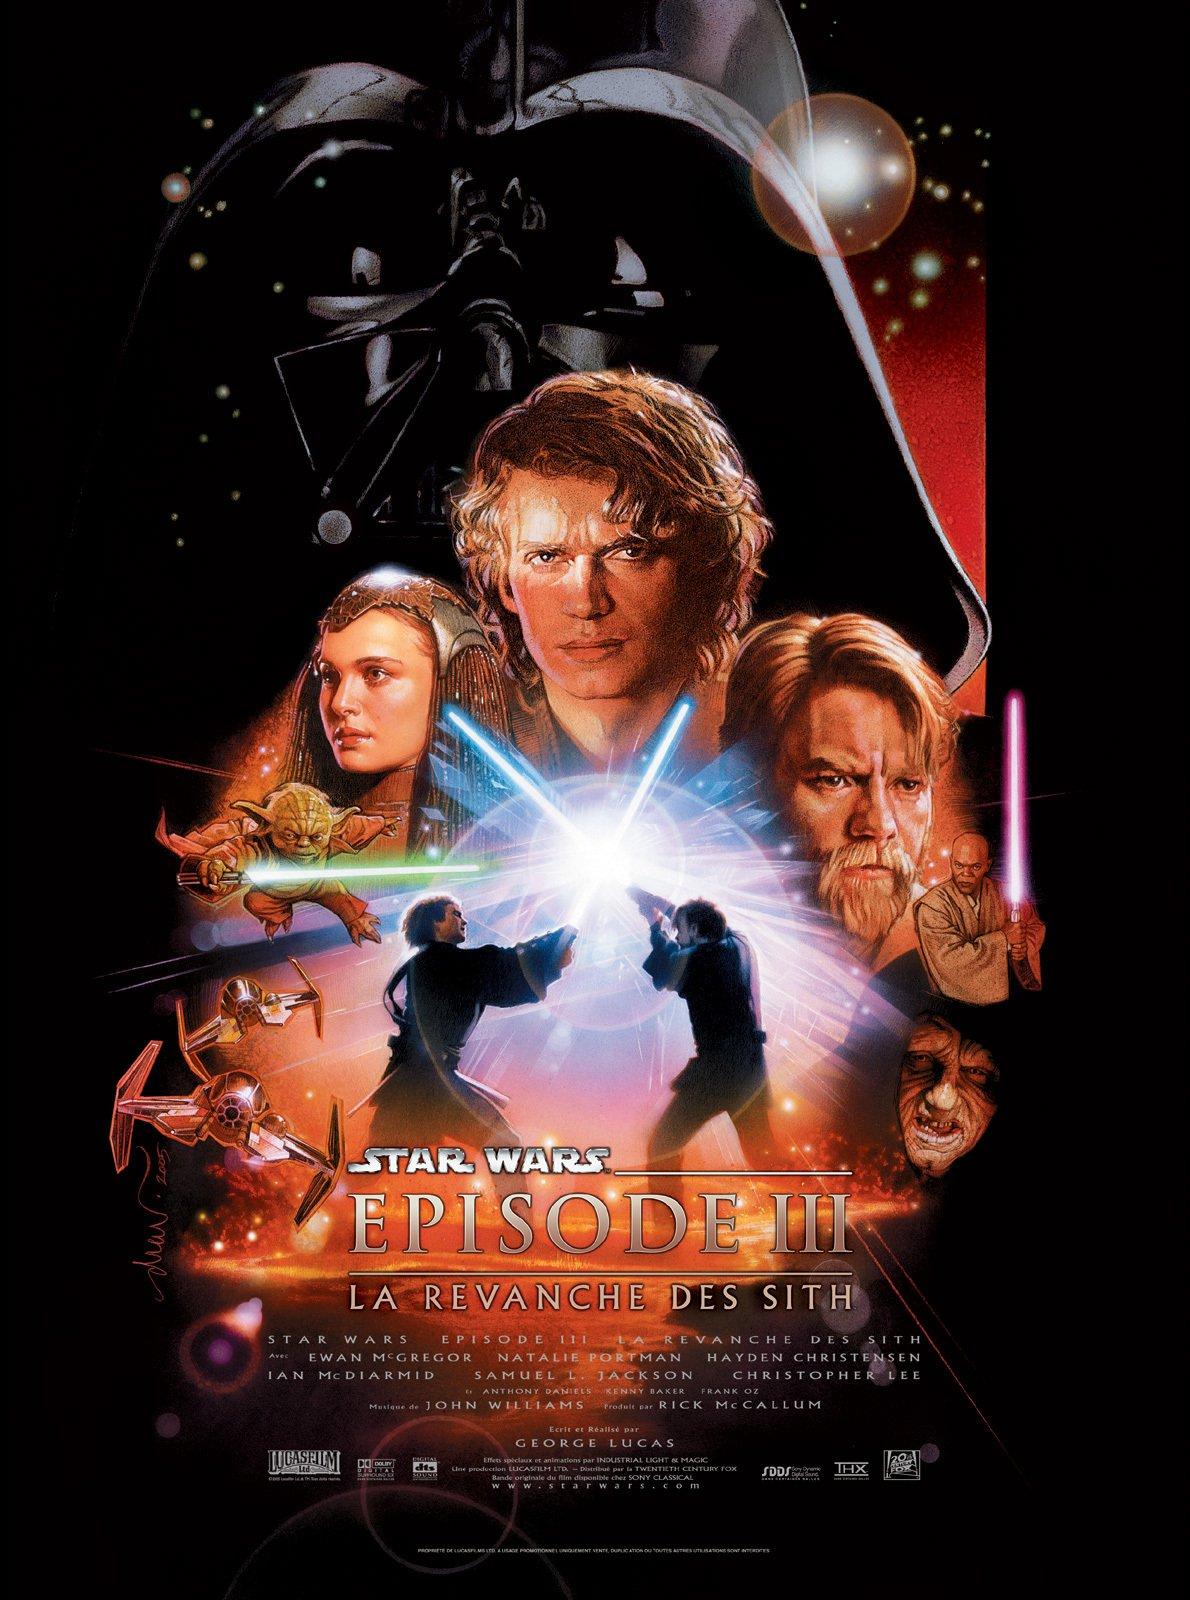 affiche du film Star Wars : Épisode III - La revanche des Sith